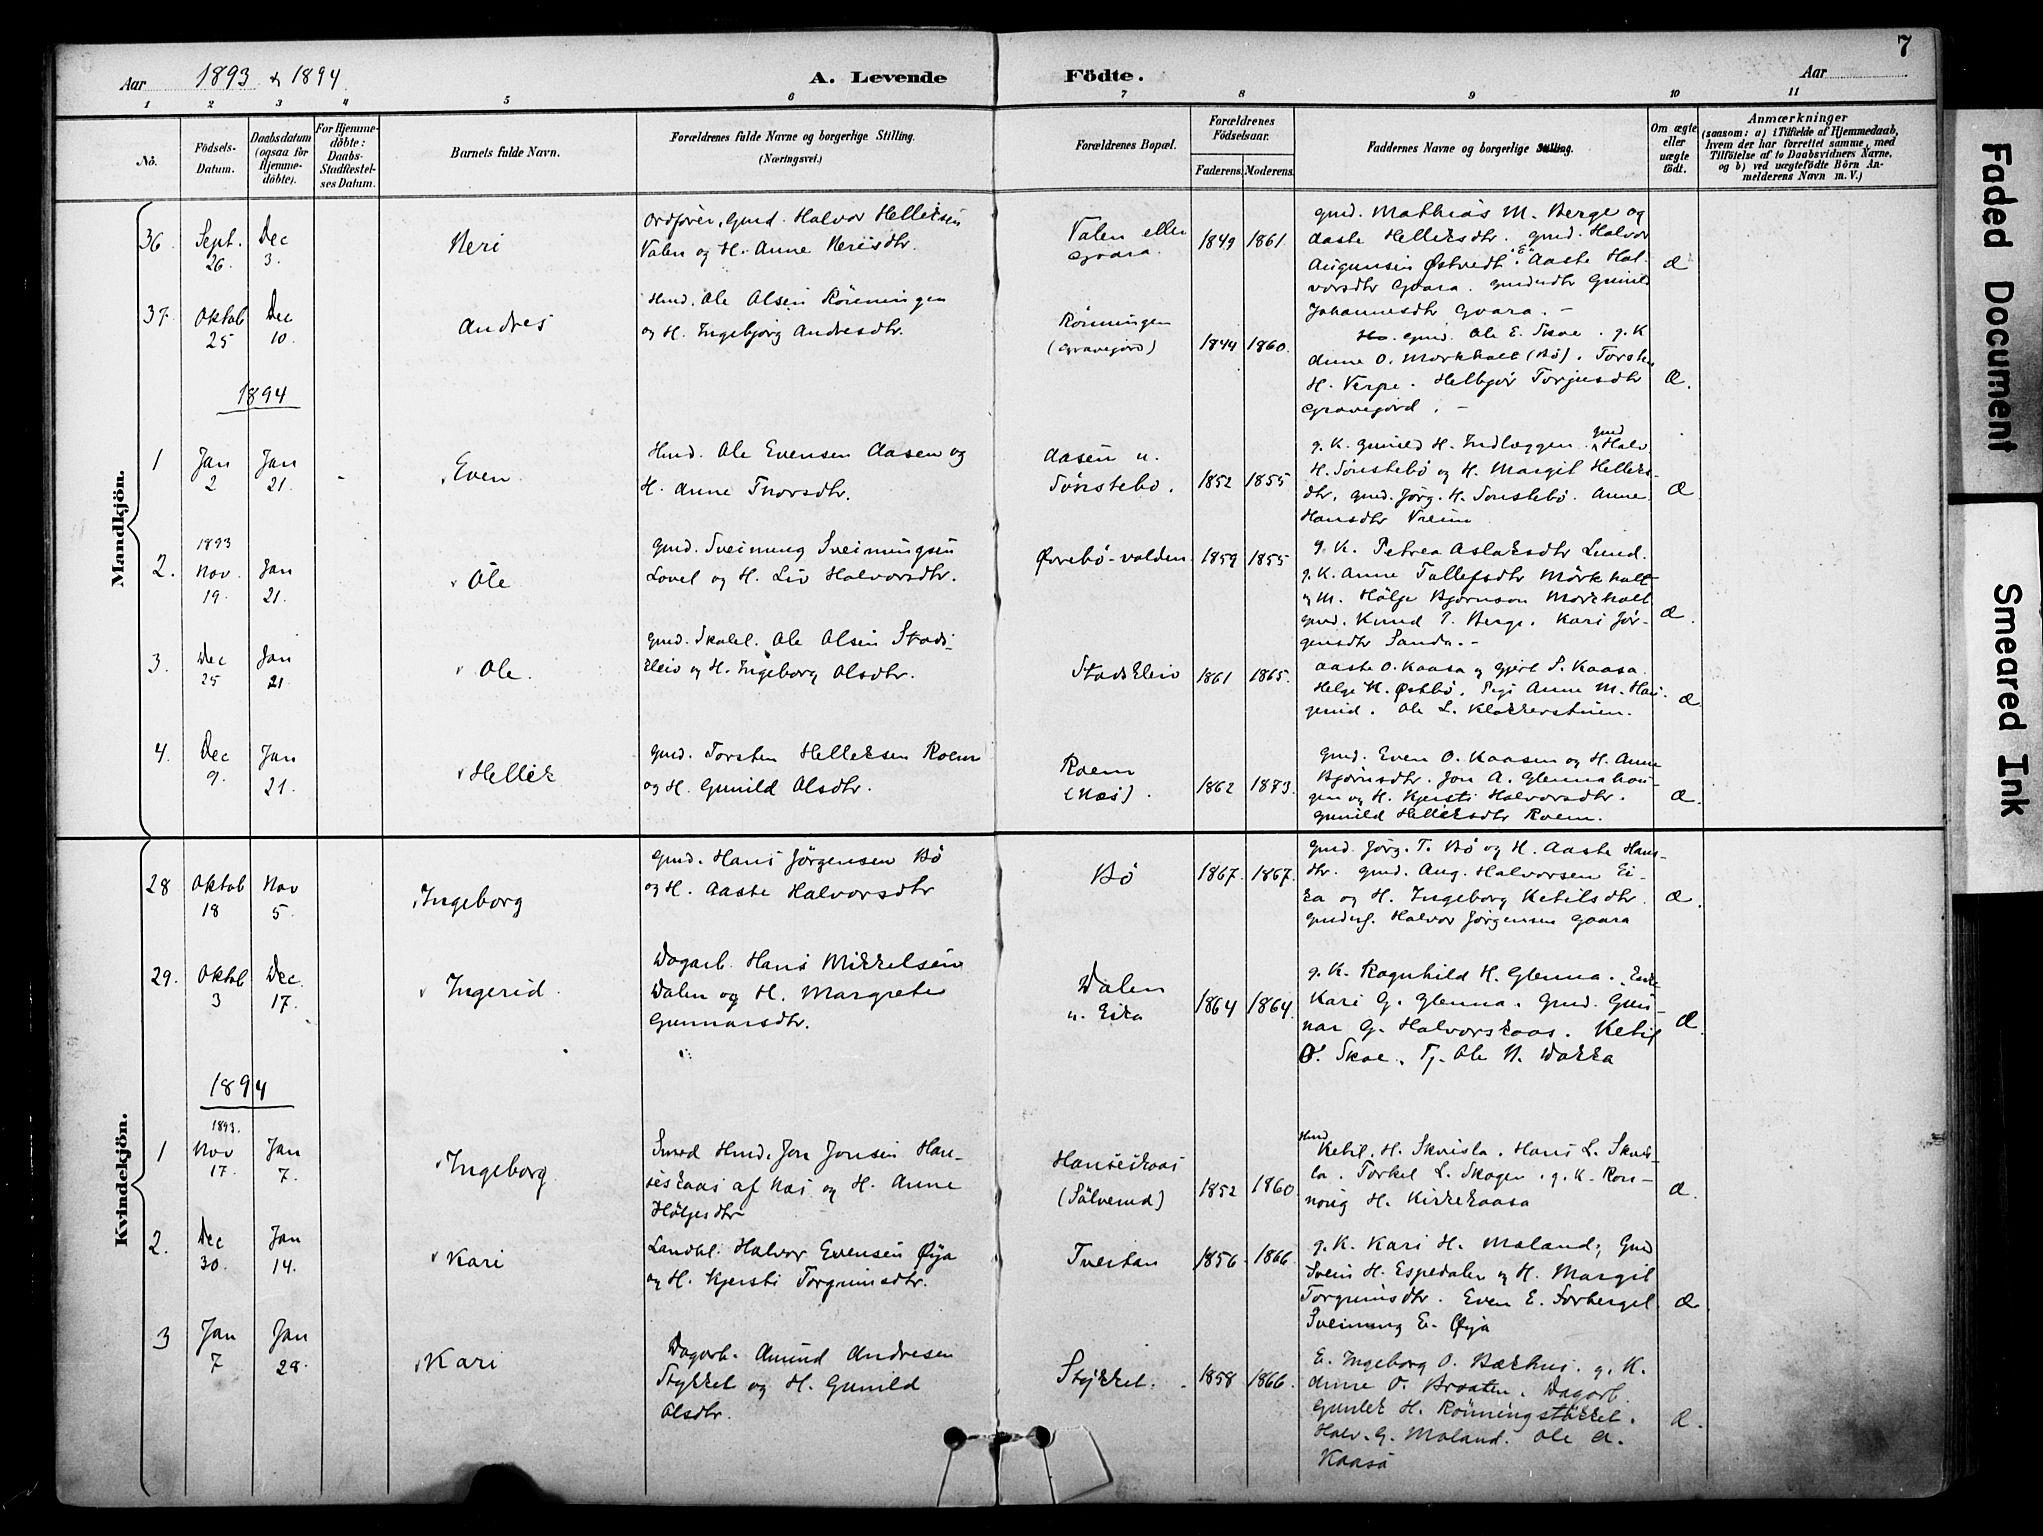 SAKO, Bø kirkebøker, F/Fa/L0011: Ministerialbok nr. 11, 1892-1900, s. 7